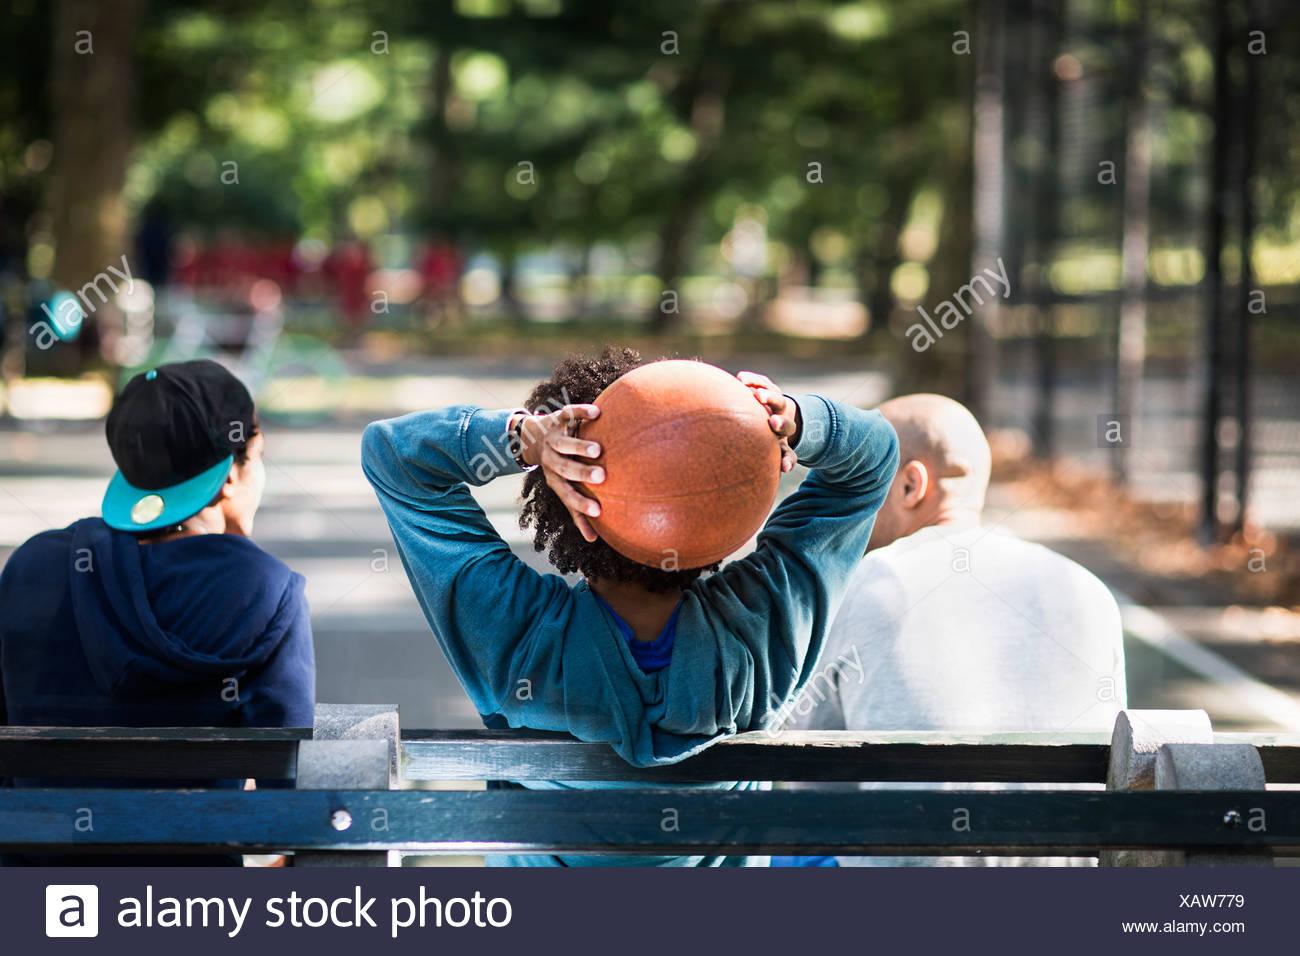 Los hombres jóvenes sentados en el parque, una celebración baloncesto Imagen De Stock